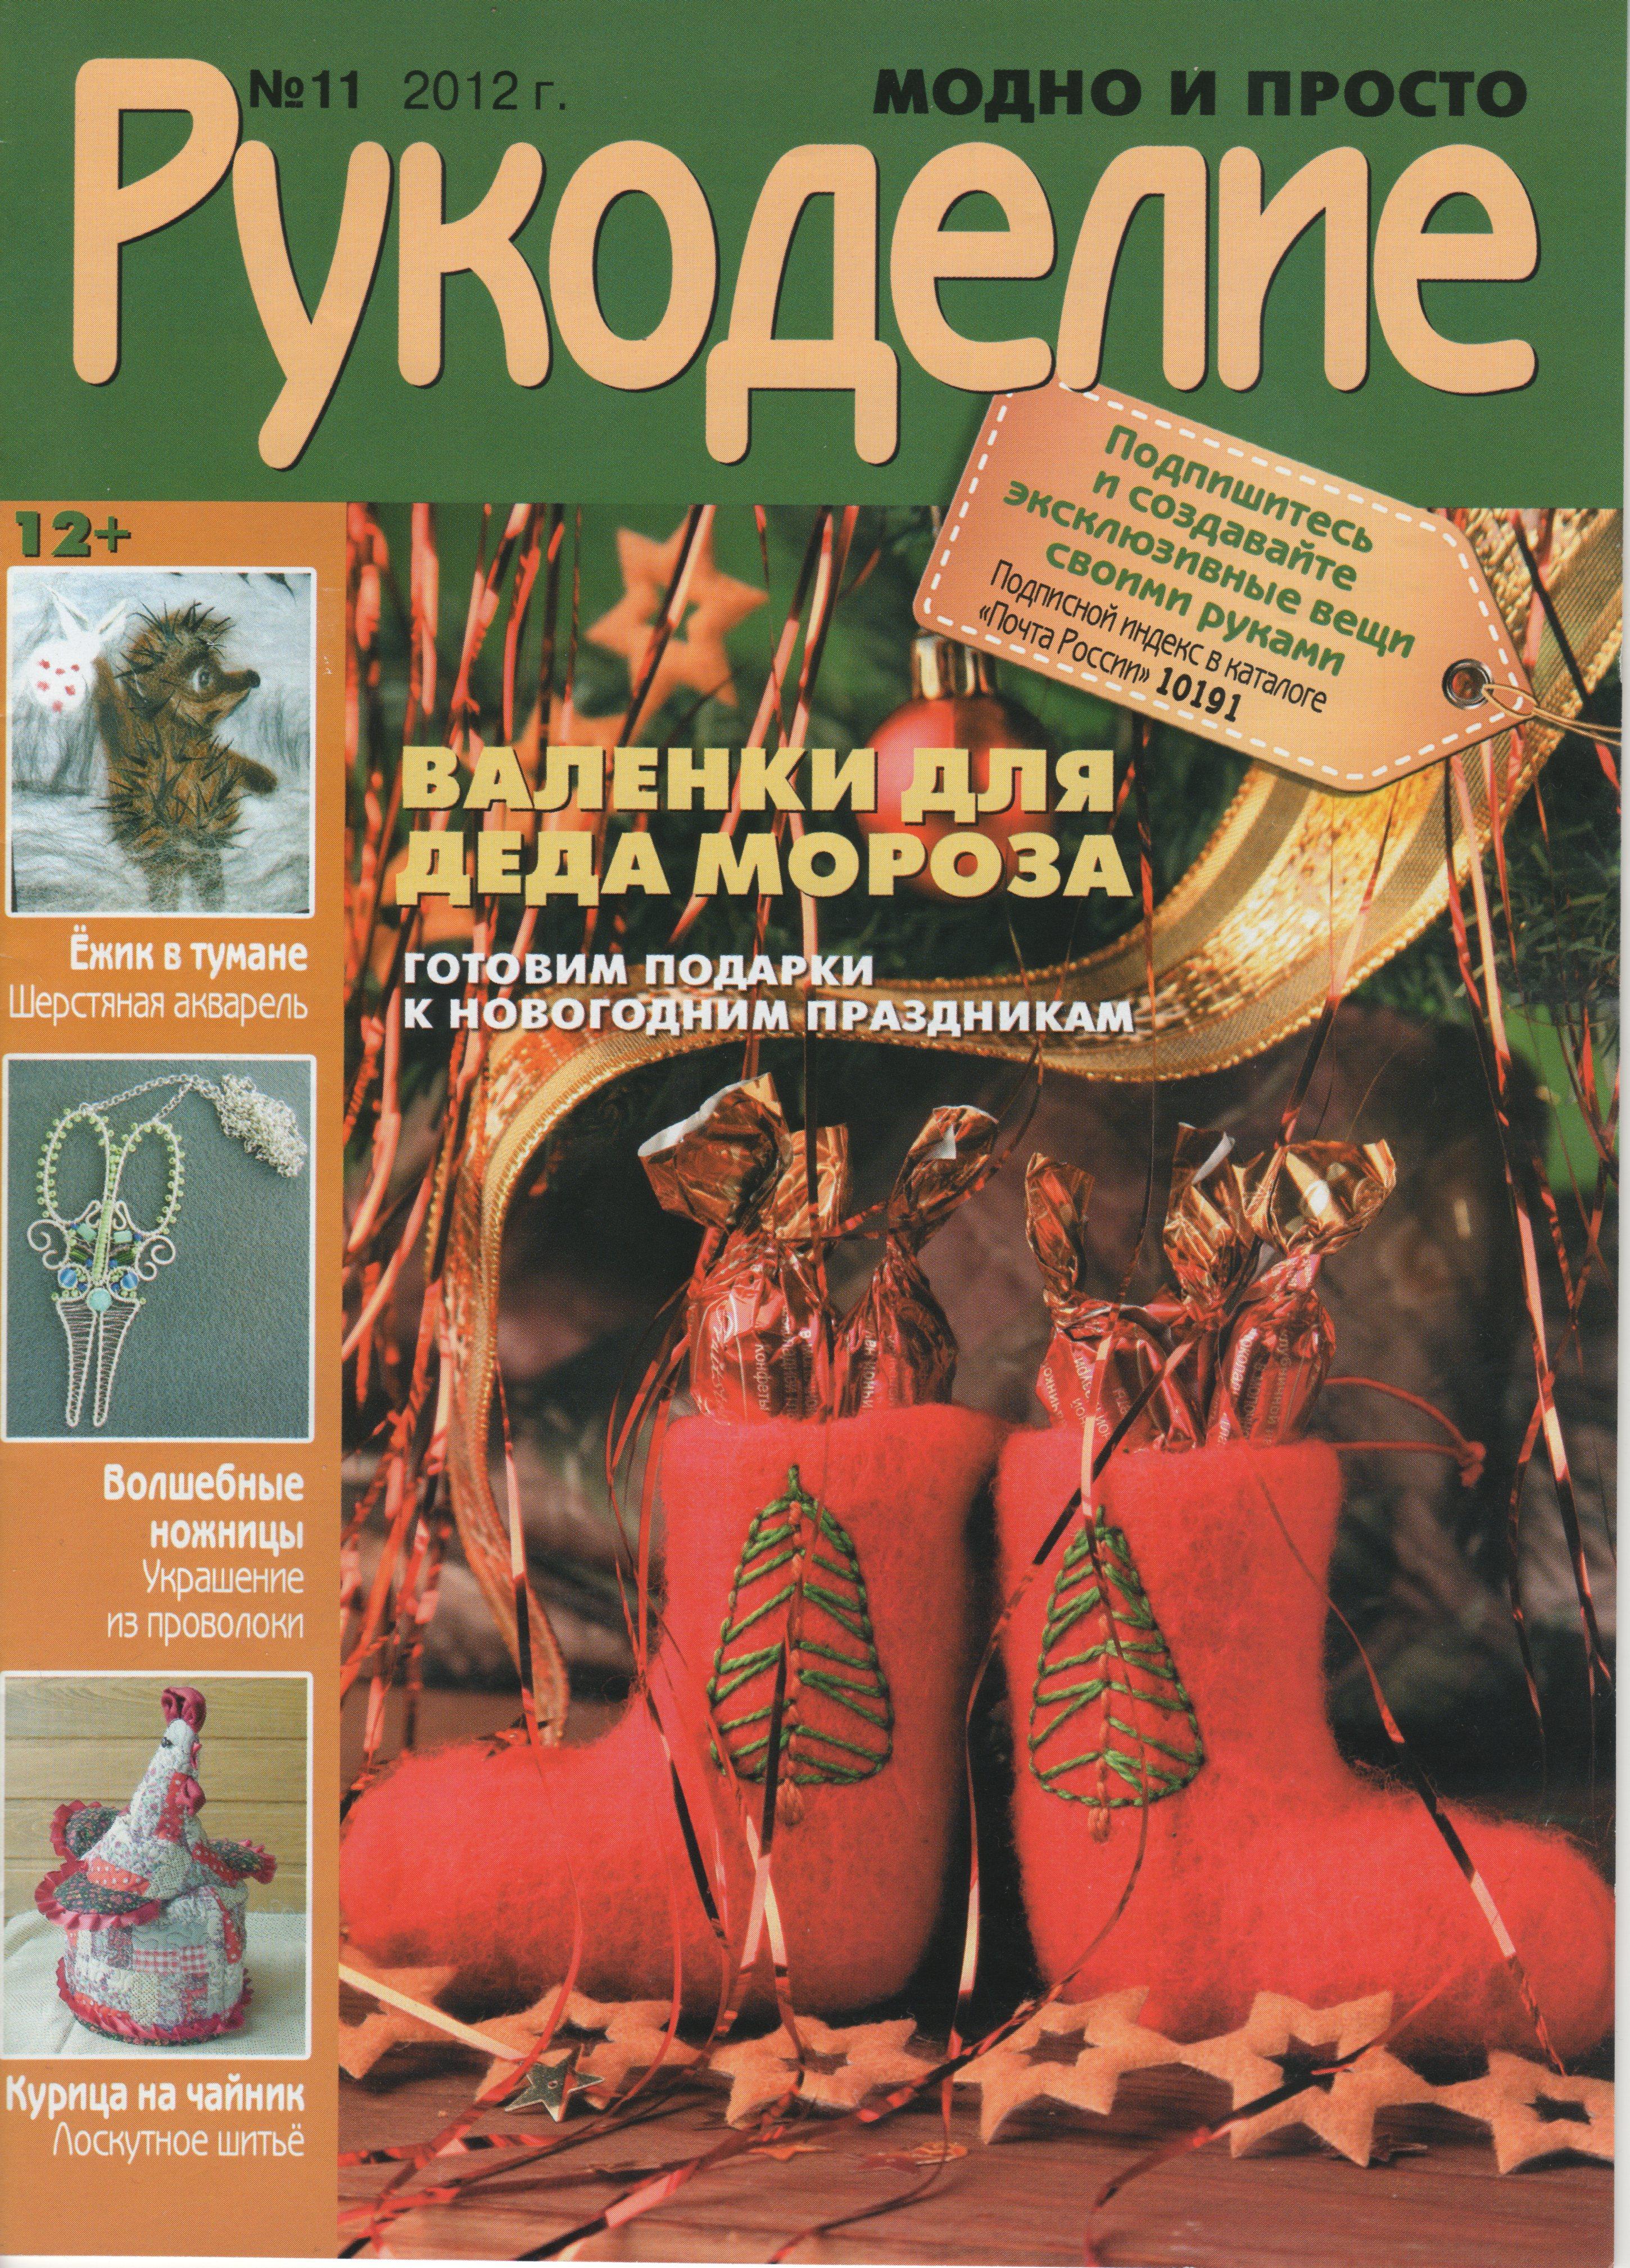 Мой МК по сувенирным валеночкам в журнале :)